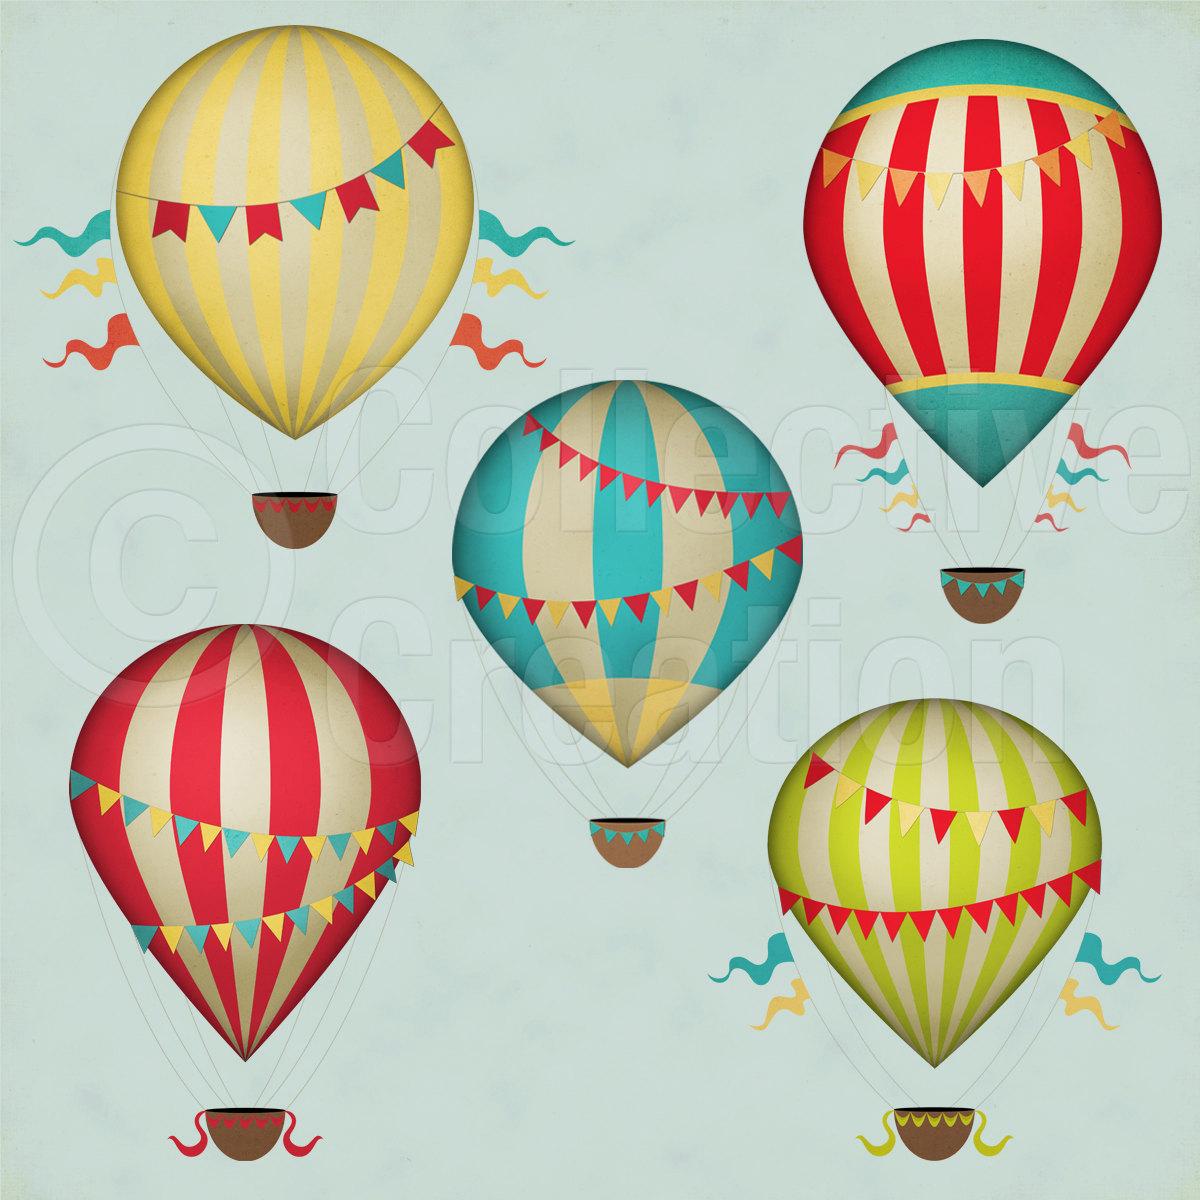 Hot Air Balloon clipart vintage Set Clip Air Vintage Digital